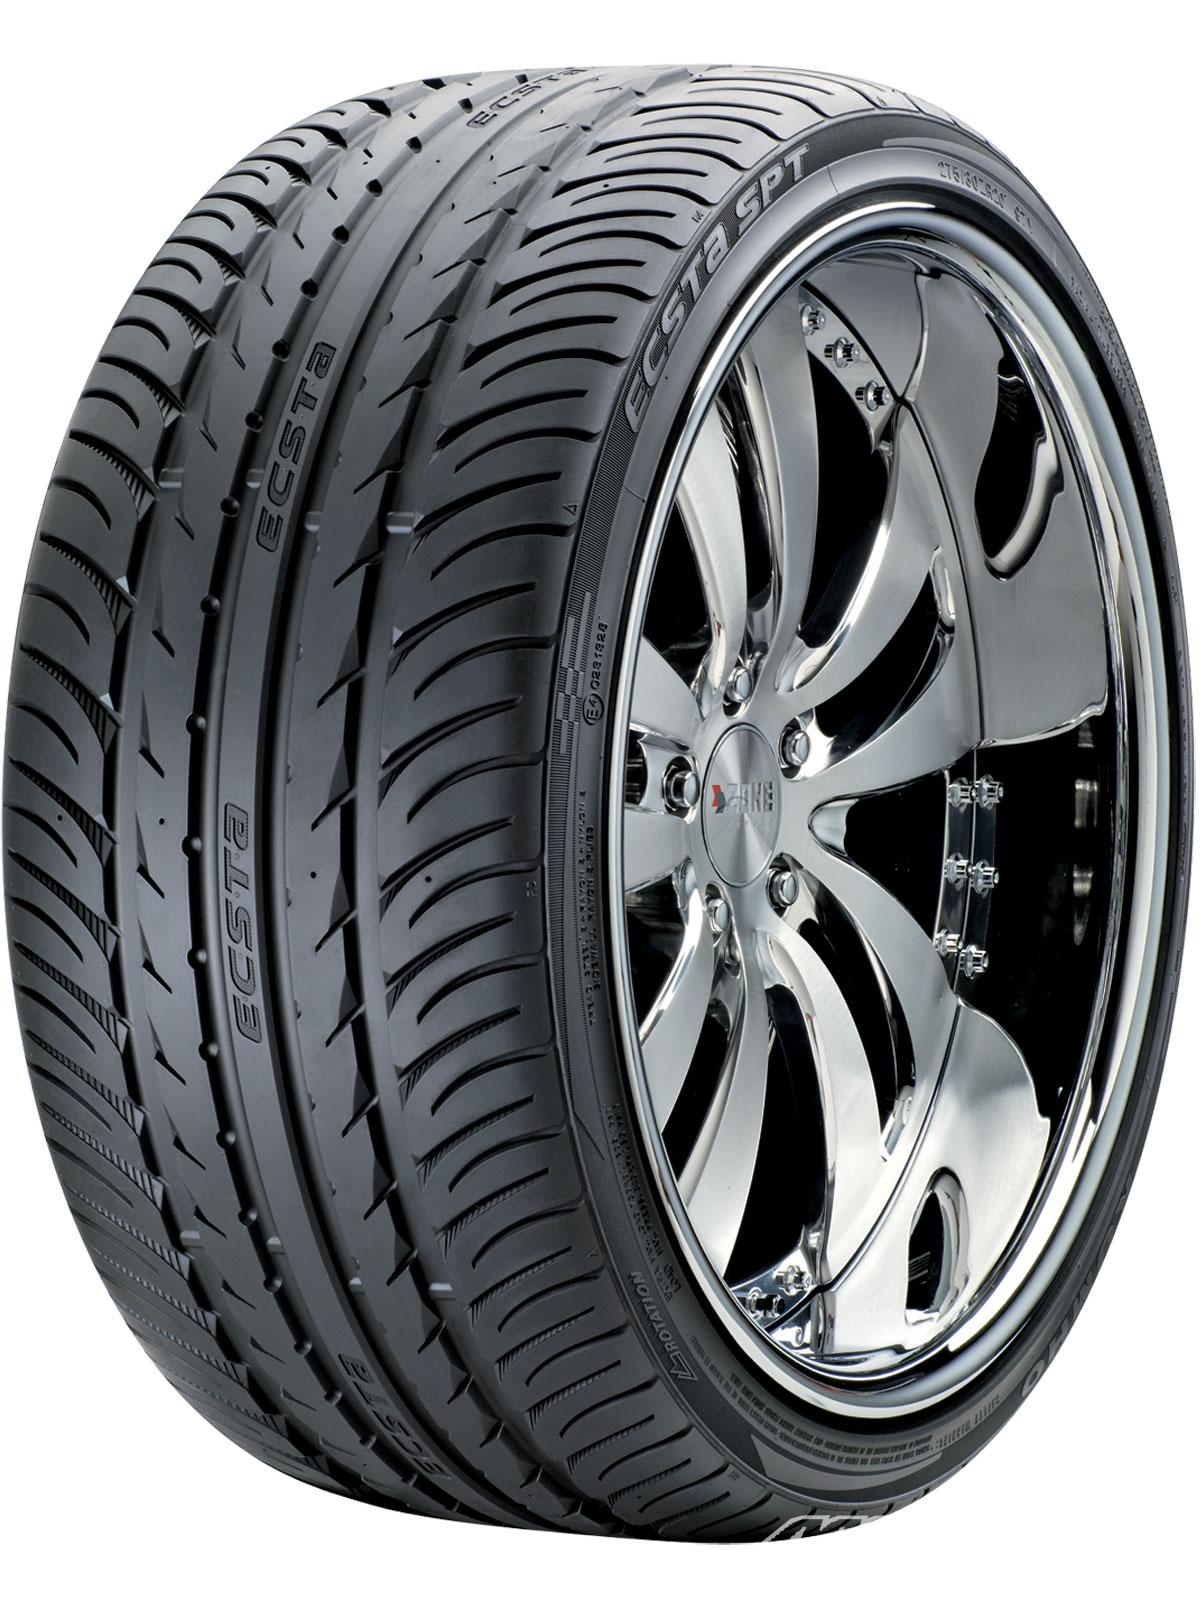 Tyres online brisbane